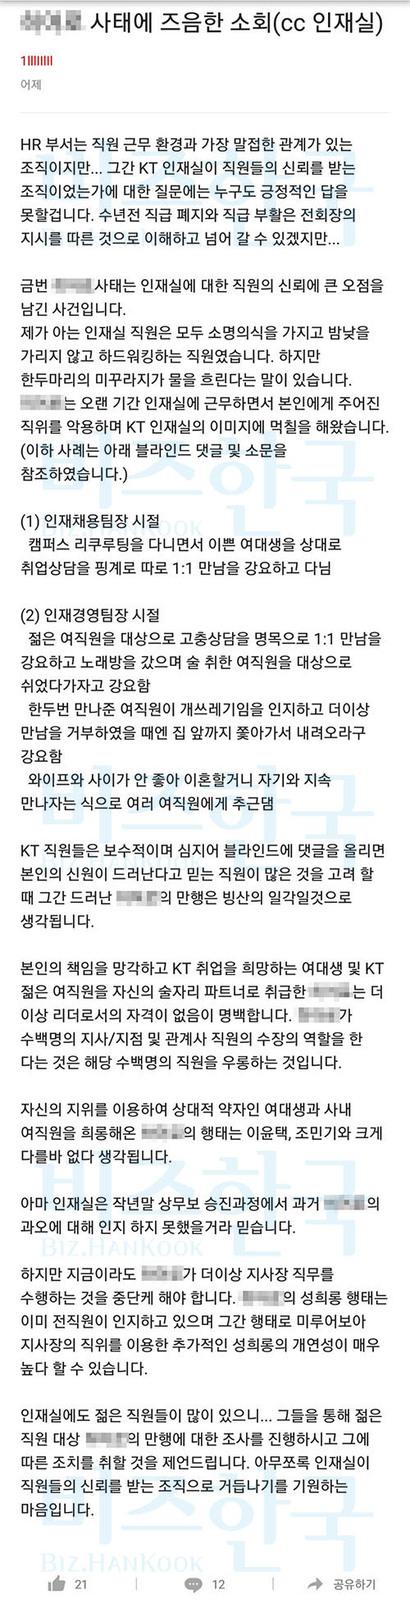 지난 4일 블라인드 KT 채널엔 KT 전 인사 관련 팀장의 성희롱을 고발하는 내용이 올라왔다. 사진=블라인드 앱 캡처